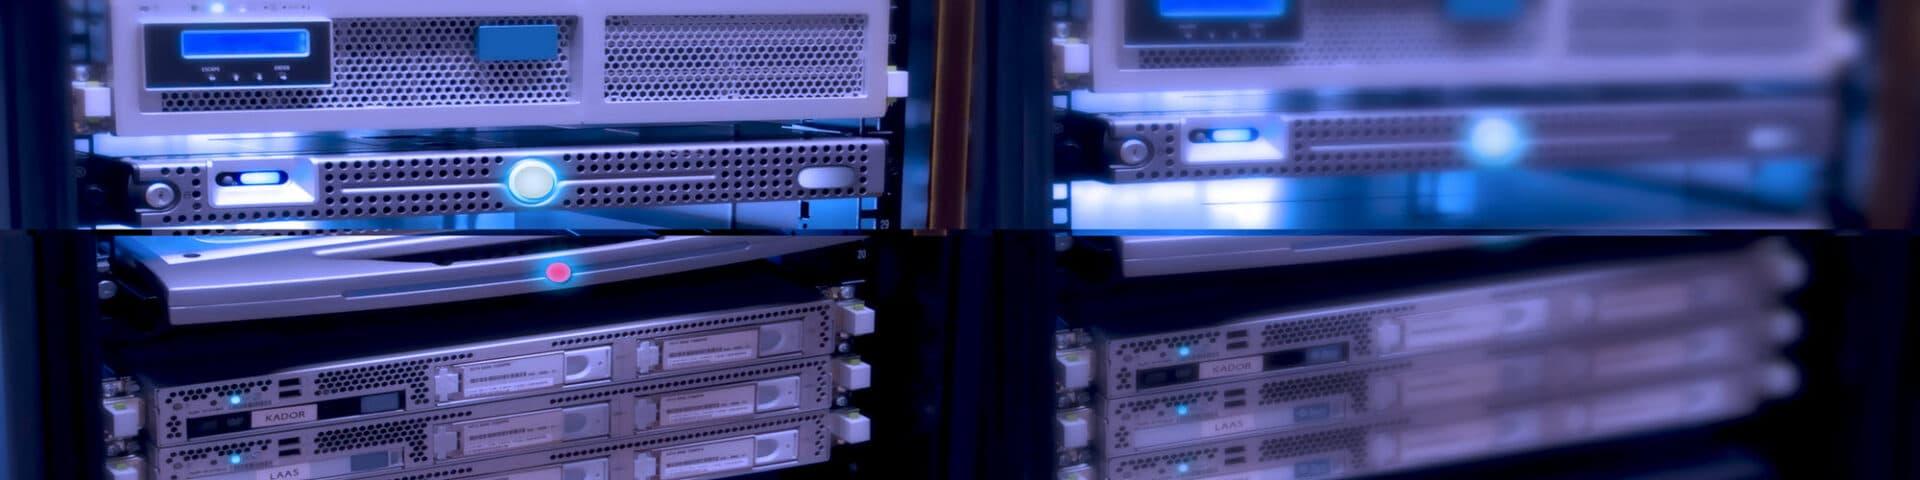 PHP Data Center